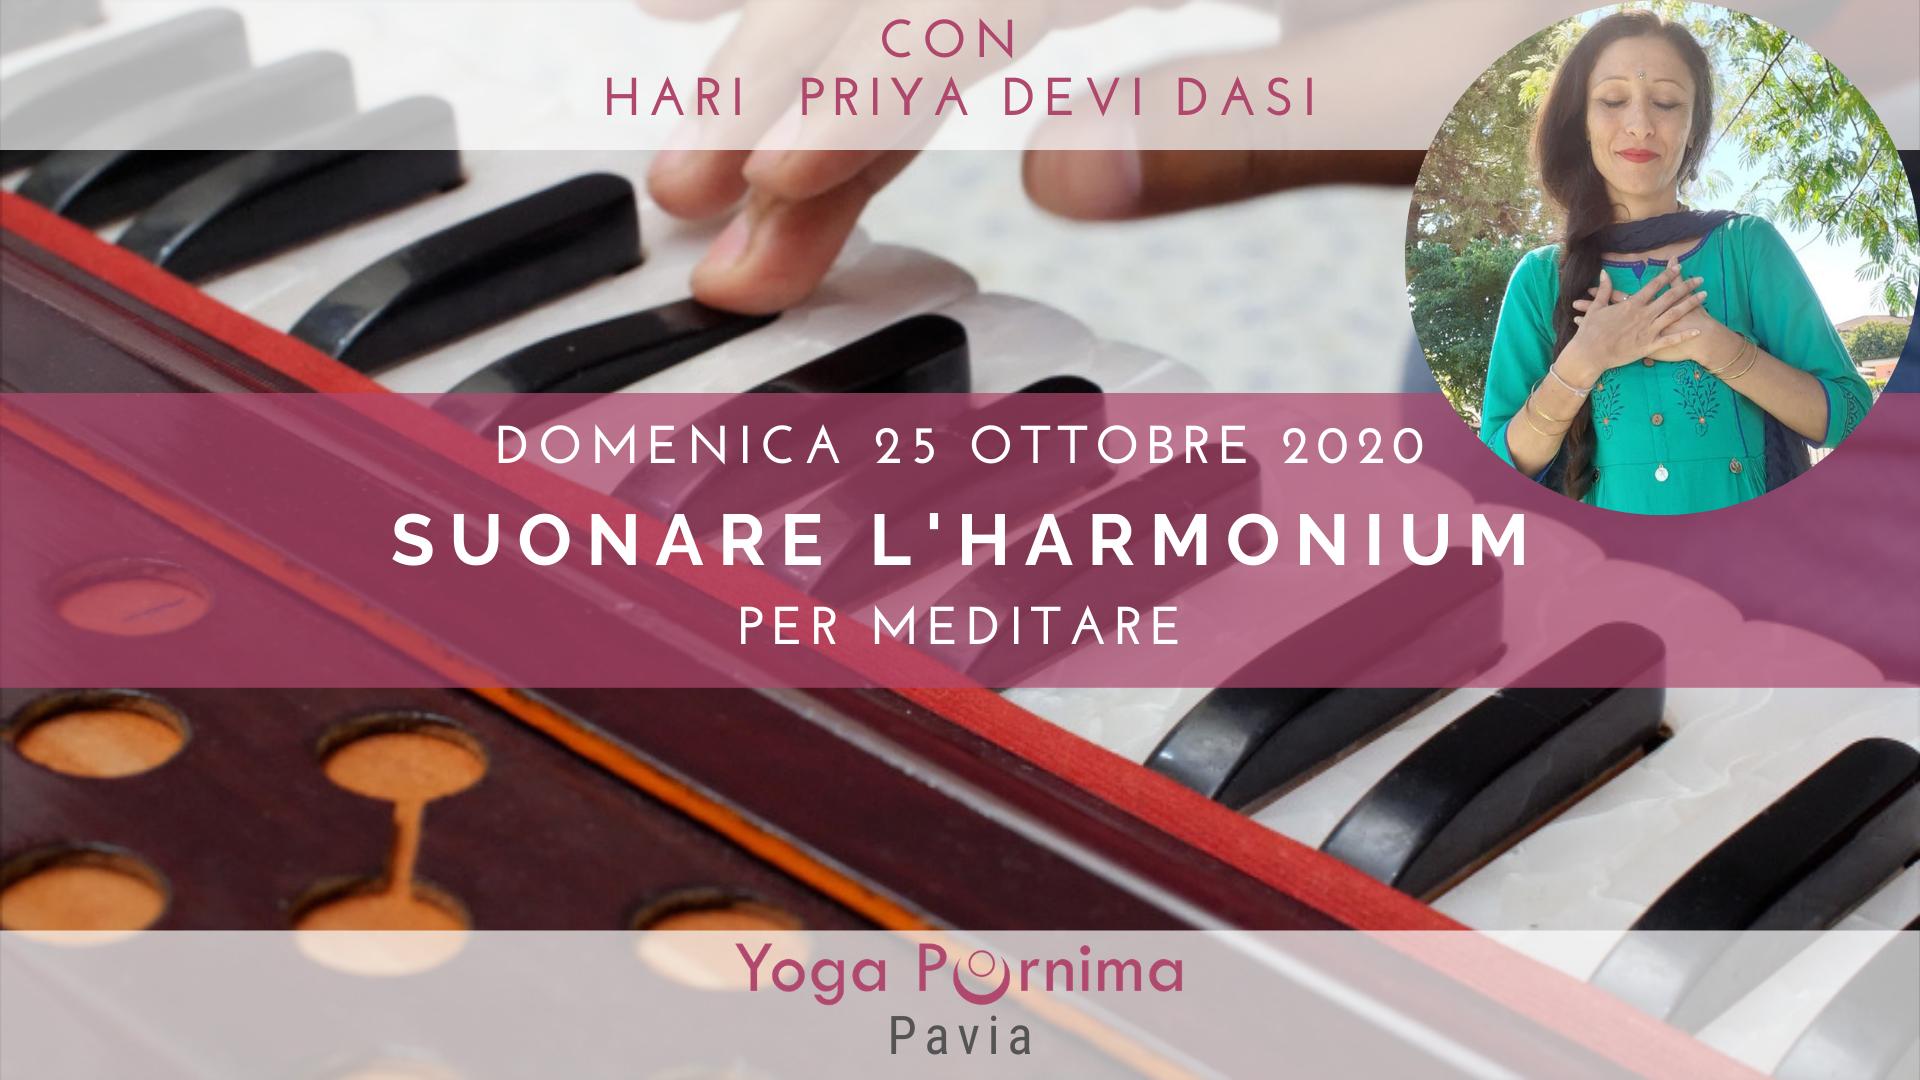 Domenica 25 ottobre: Suonare l'harmonium per meditare